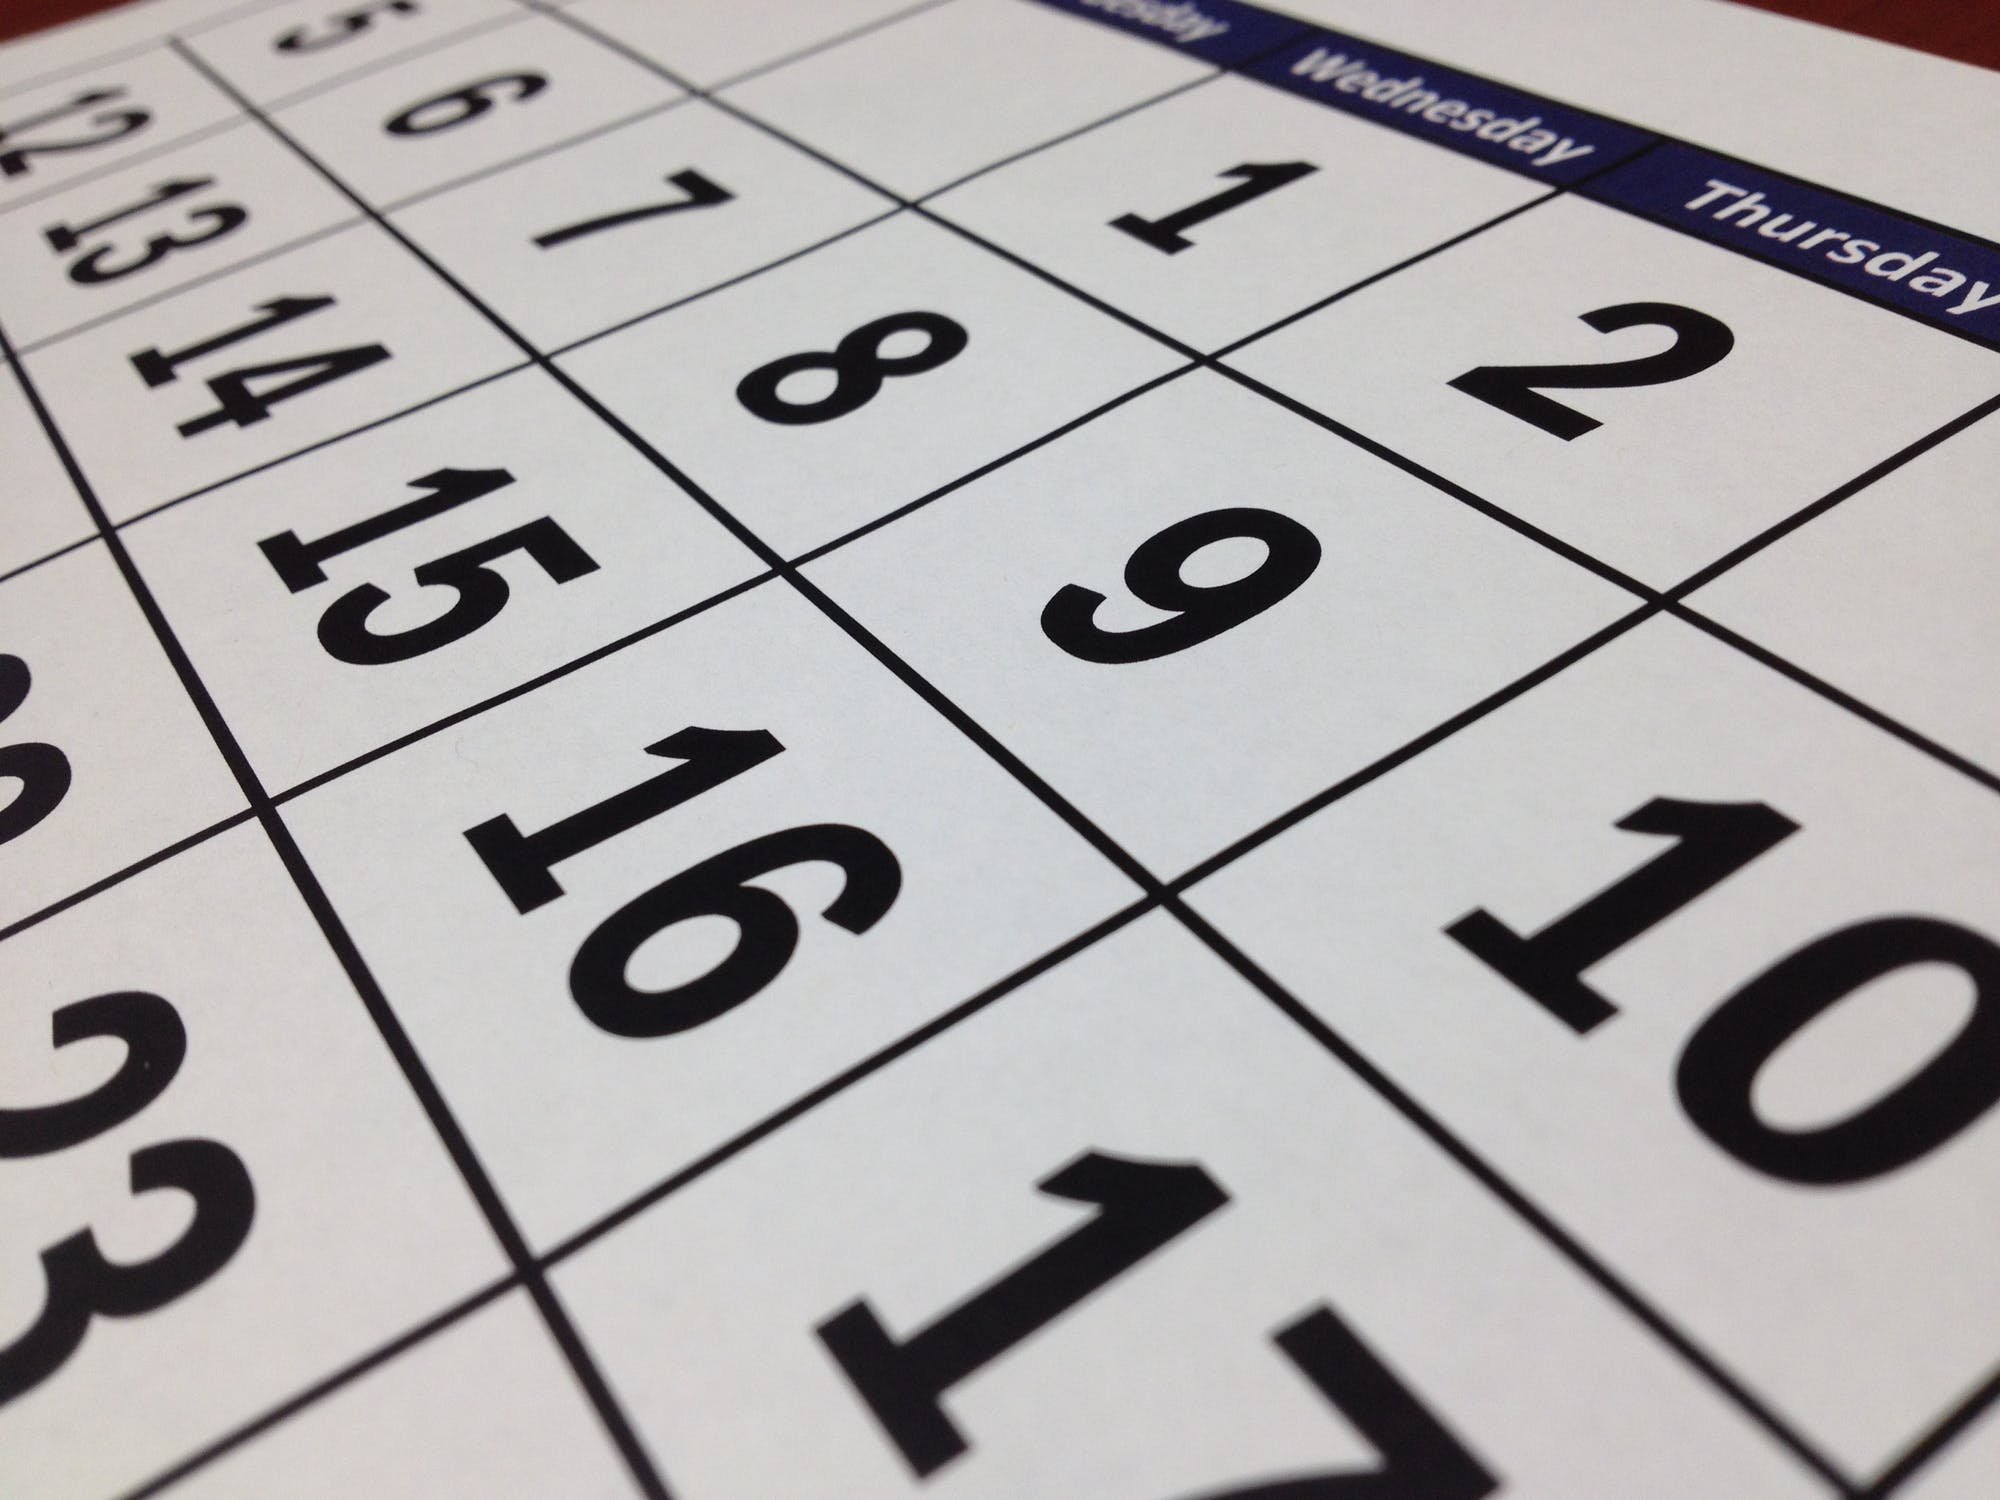 068 – Porqué es Buena Idea Empezar tu Búsqueda de Trabajo en Enero